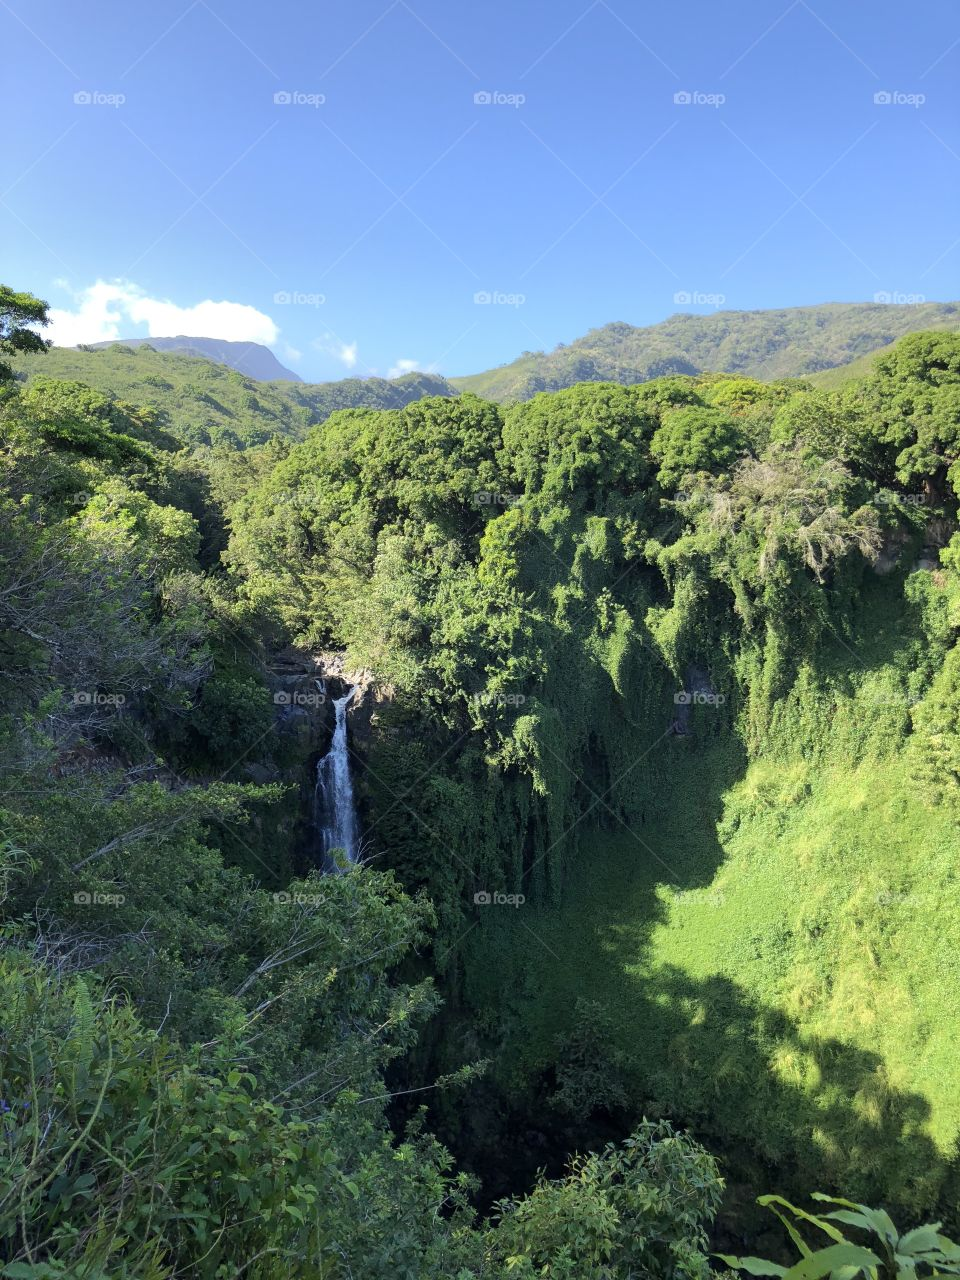 Road to Hana Maui, Hawaii